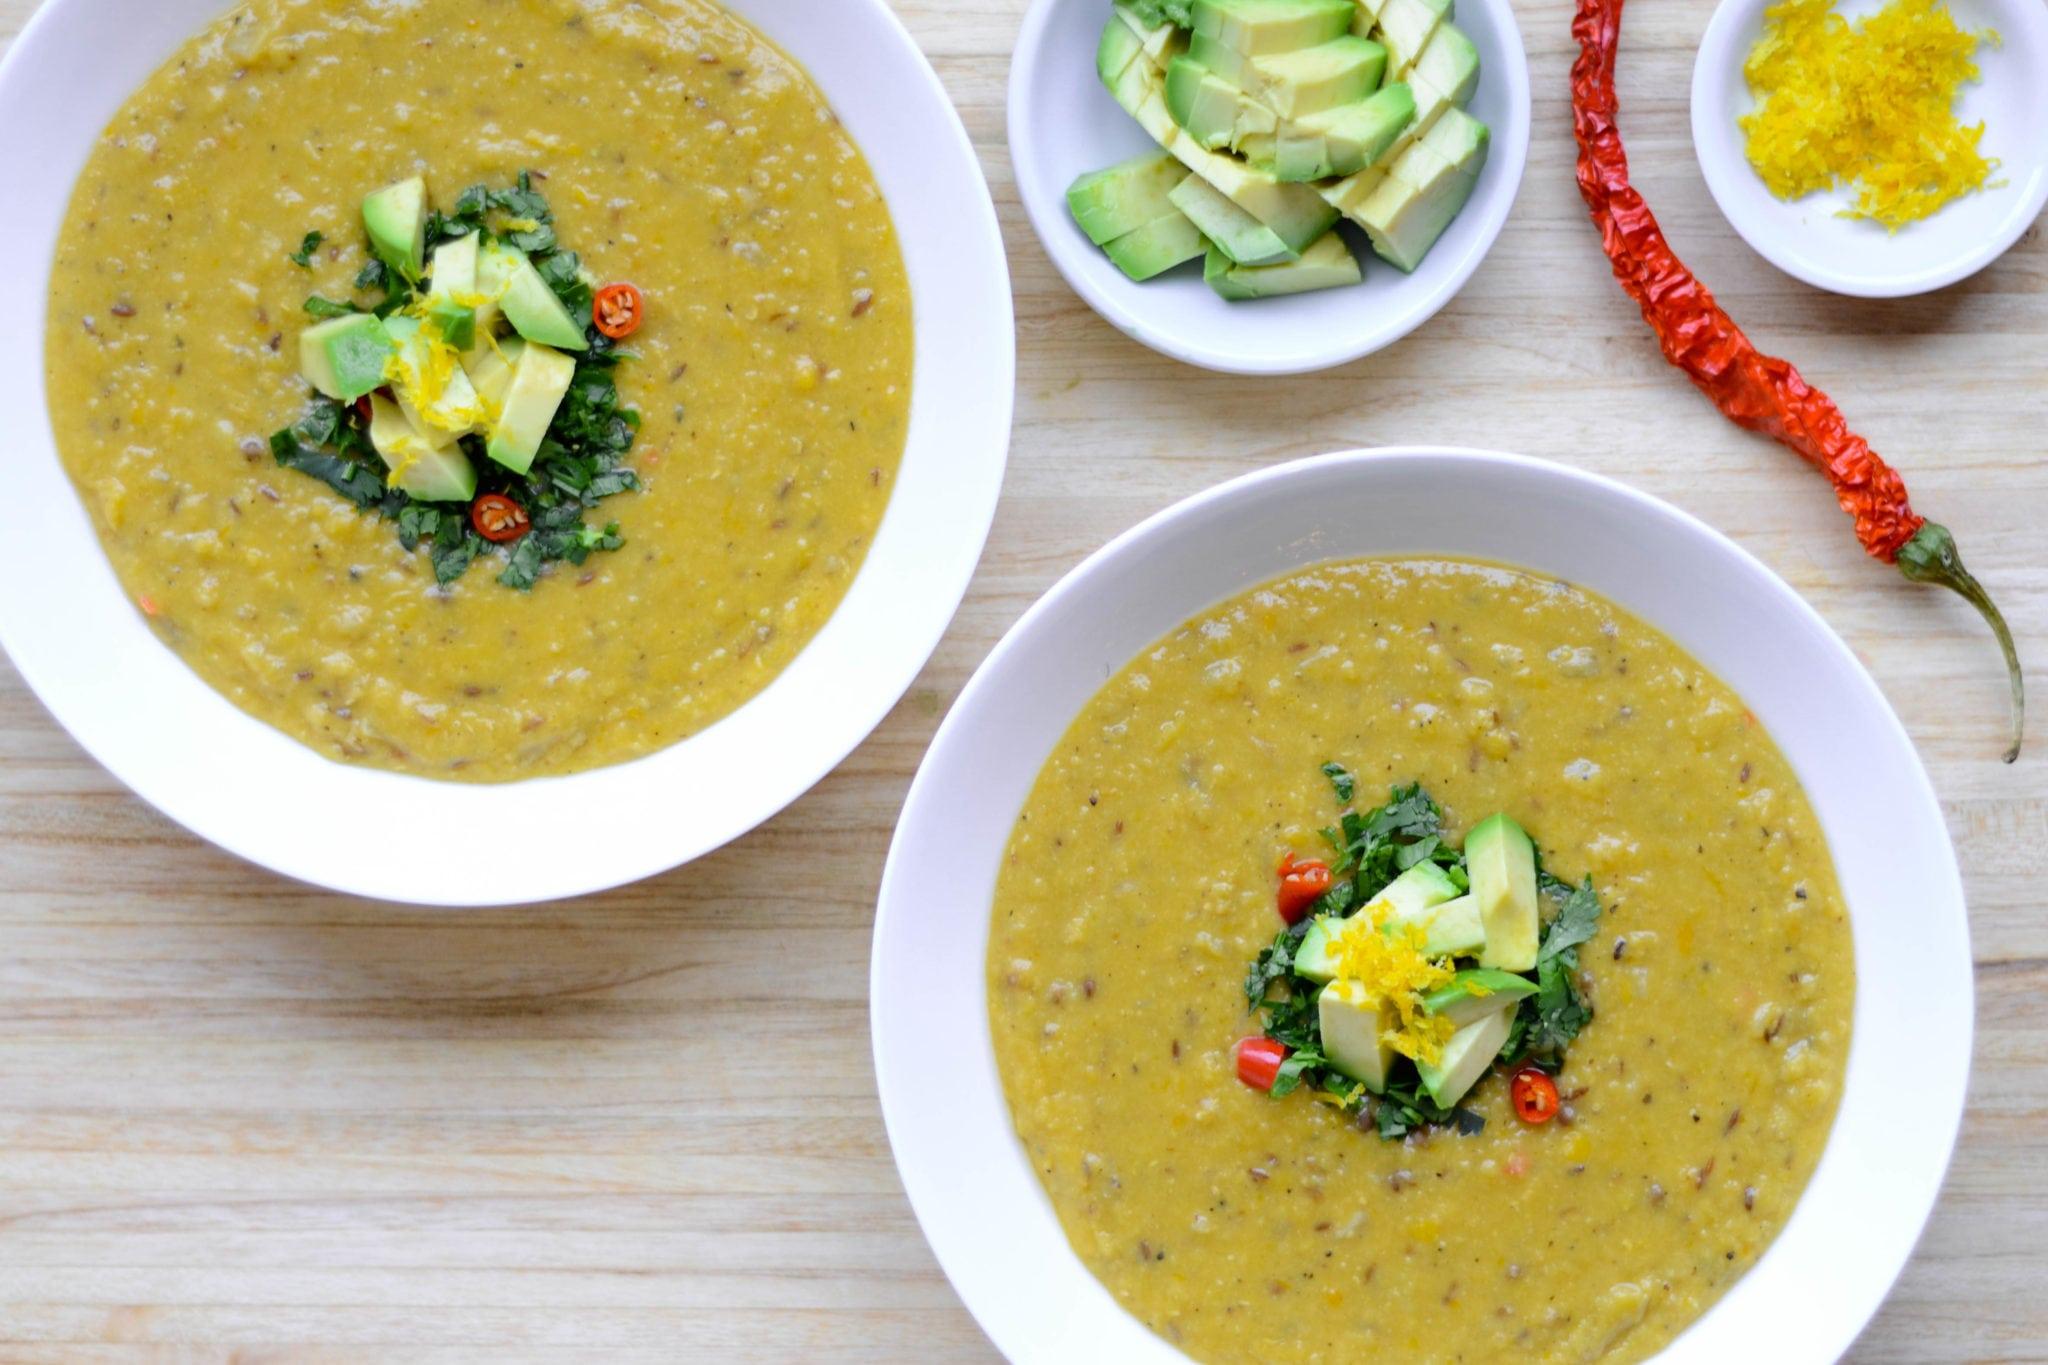 Coconut-Coriander Lentil Soup